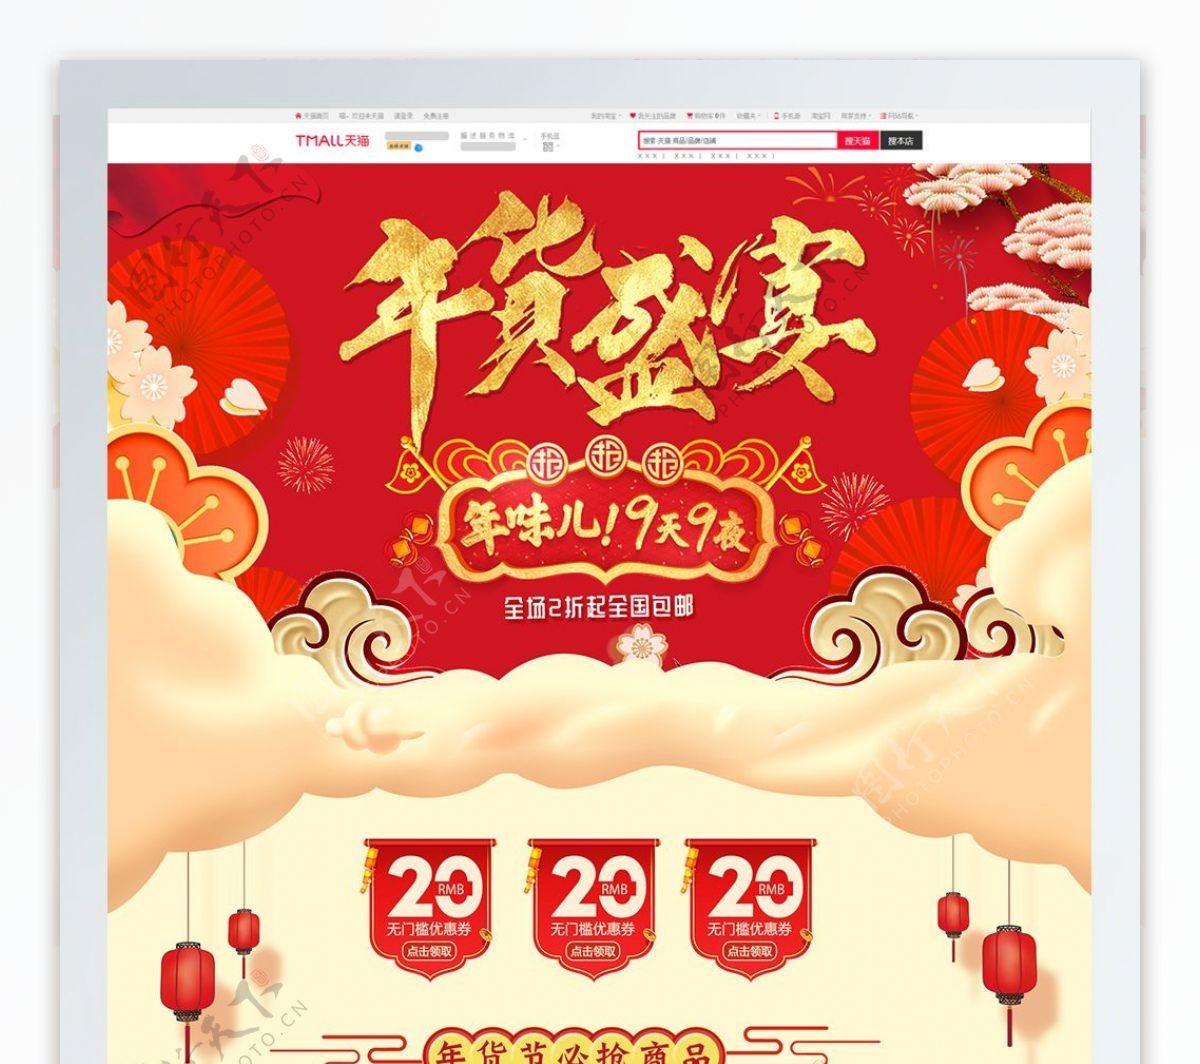 天猫淘宝年货节年货盛宴春节不打烊首页